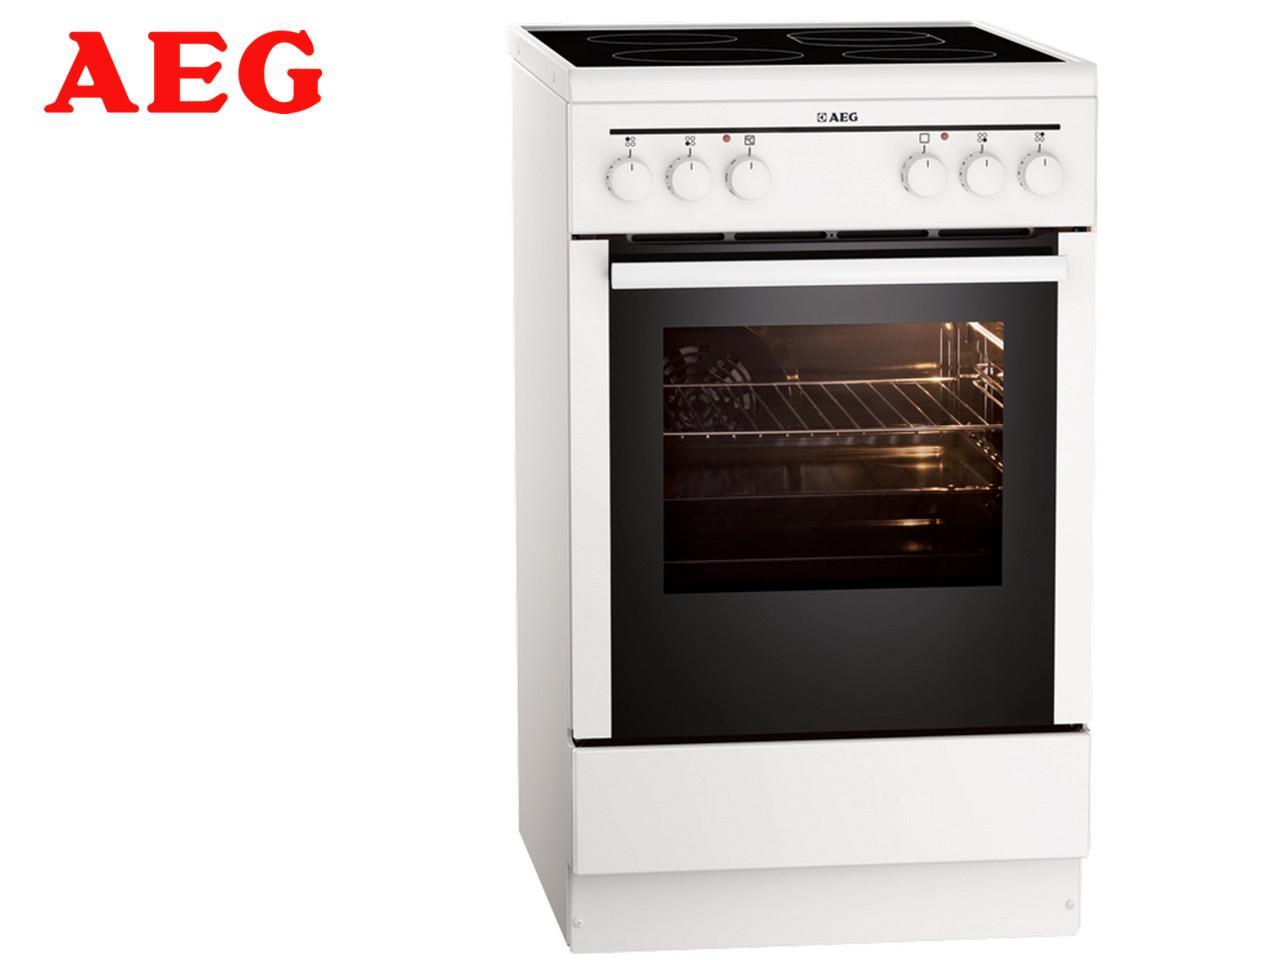 AEG 40095VD-WN